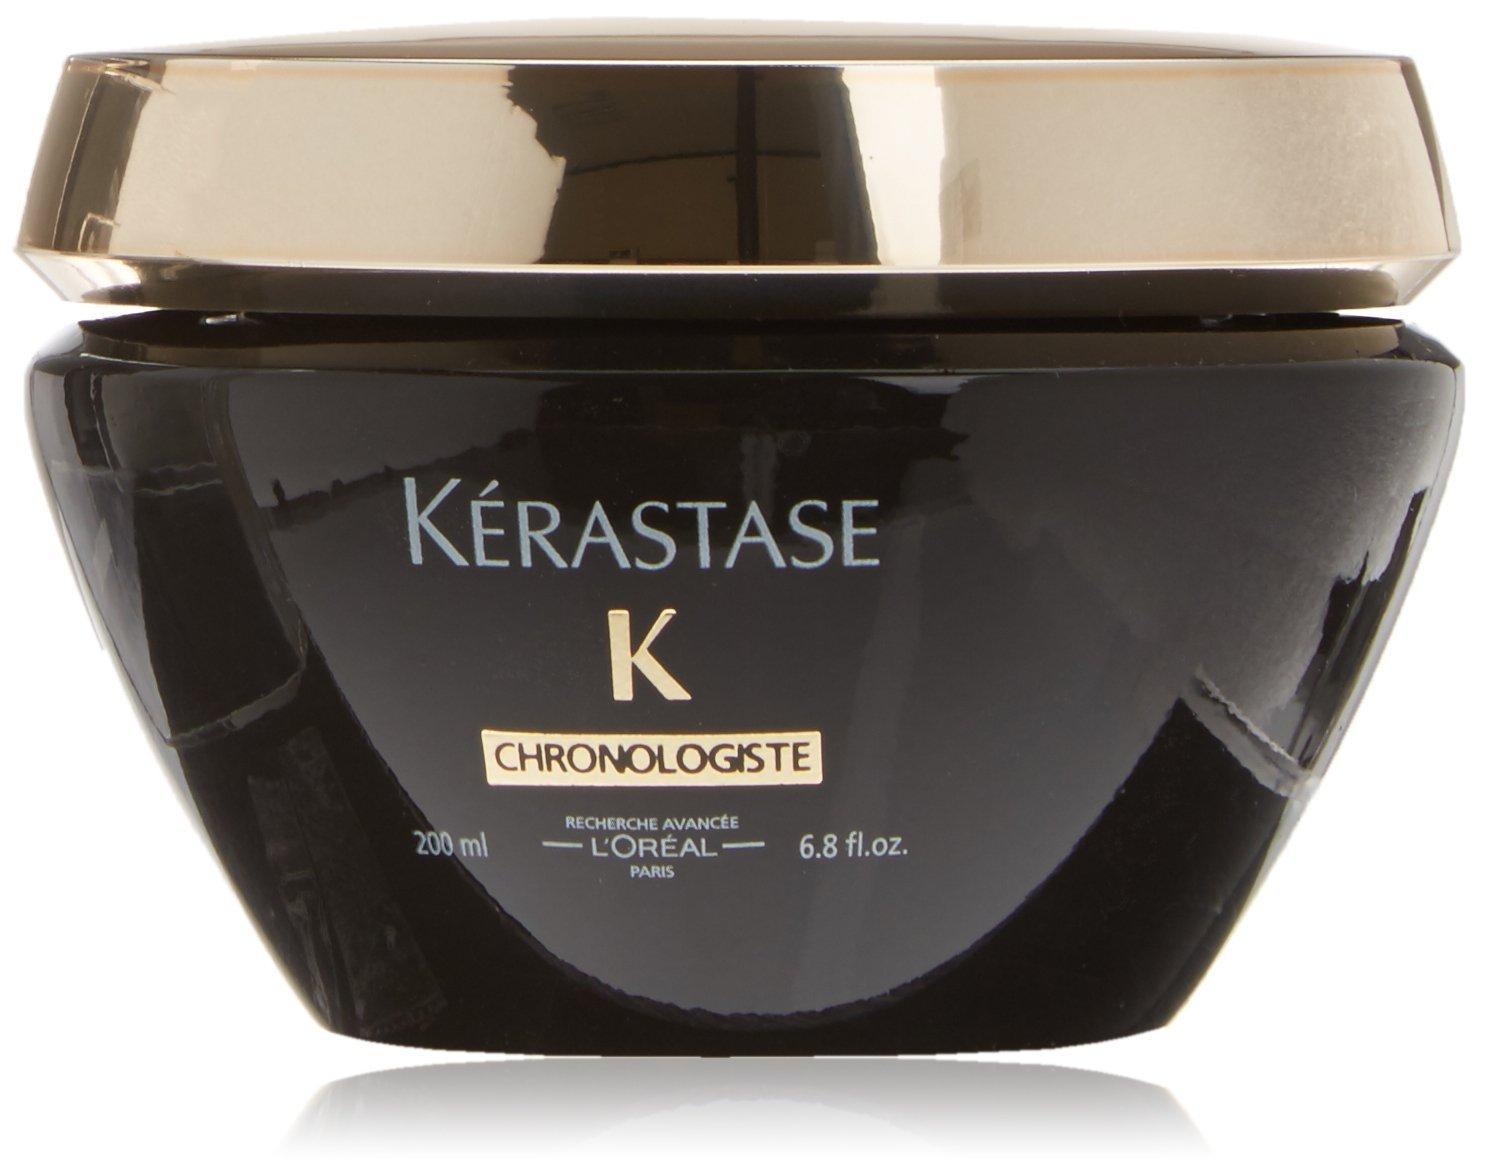 Amazon.com : Crema Kerastase Para El Cabello Maltratado - Revitaliza El Cuero Cabelludo - Tratamiento 6.8 Onzas : Beauty